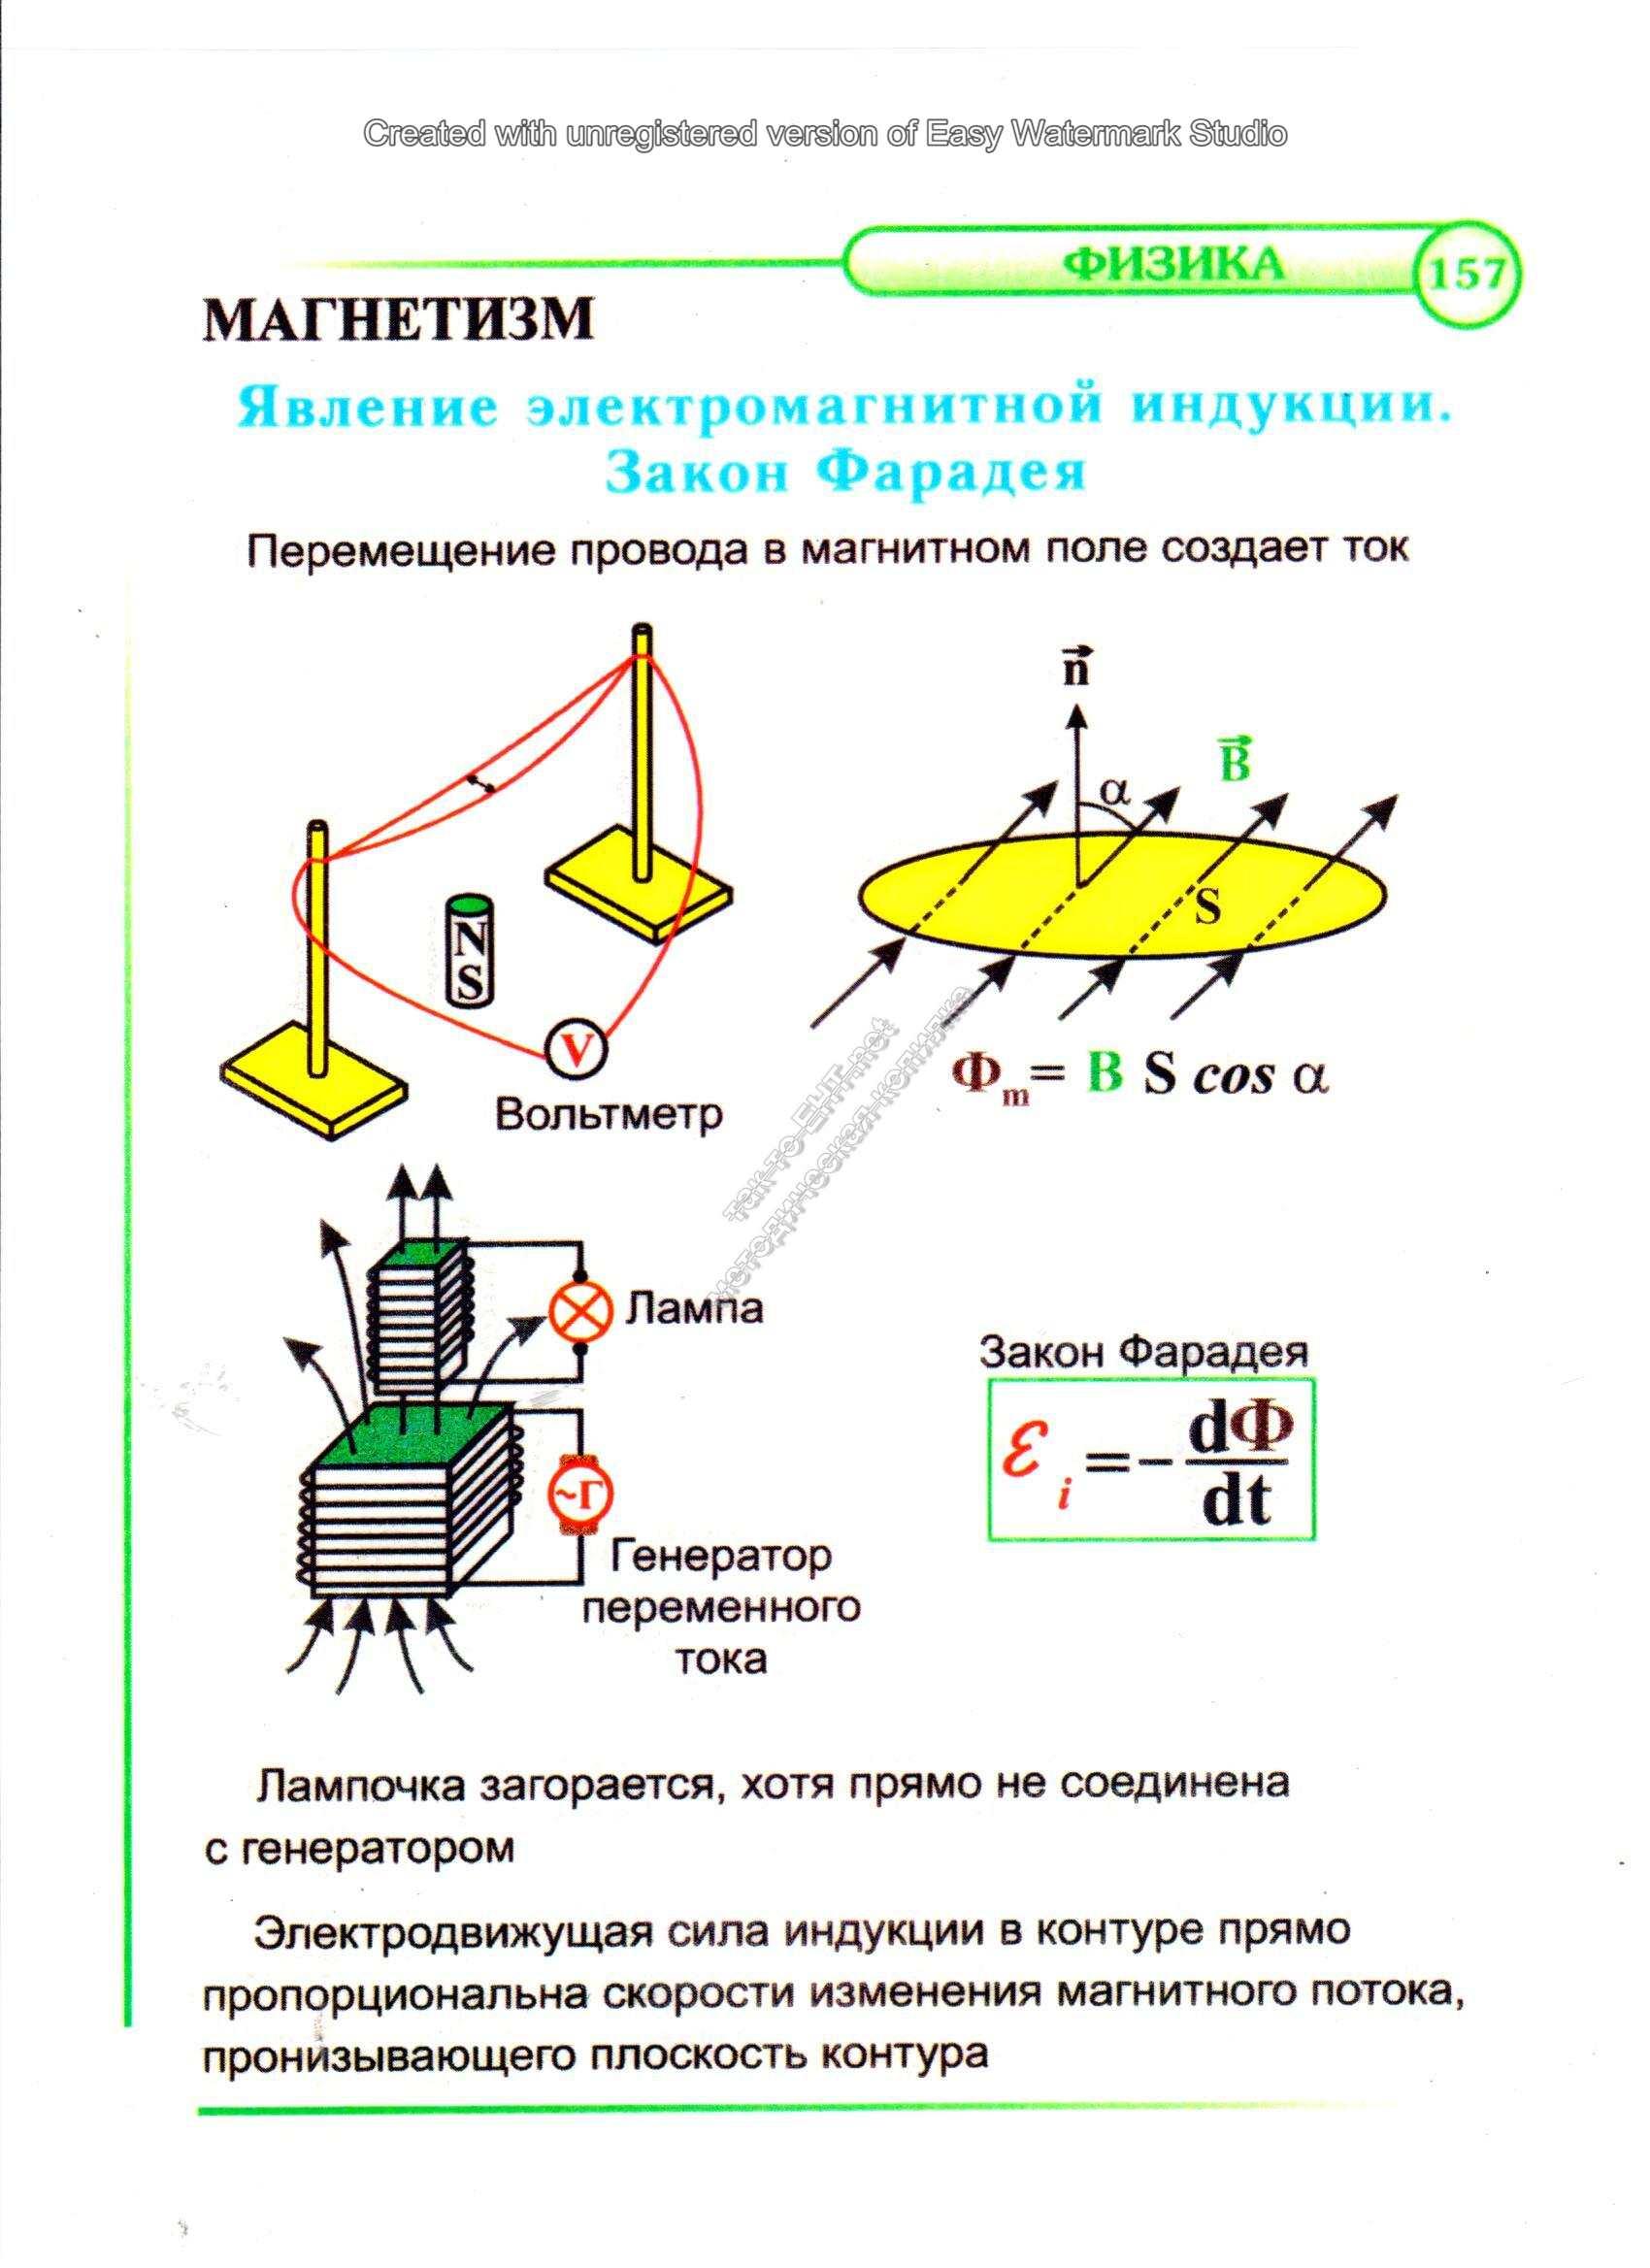 Явление электромагнитной индукции. Закон Фарадея